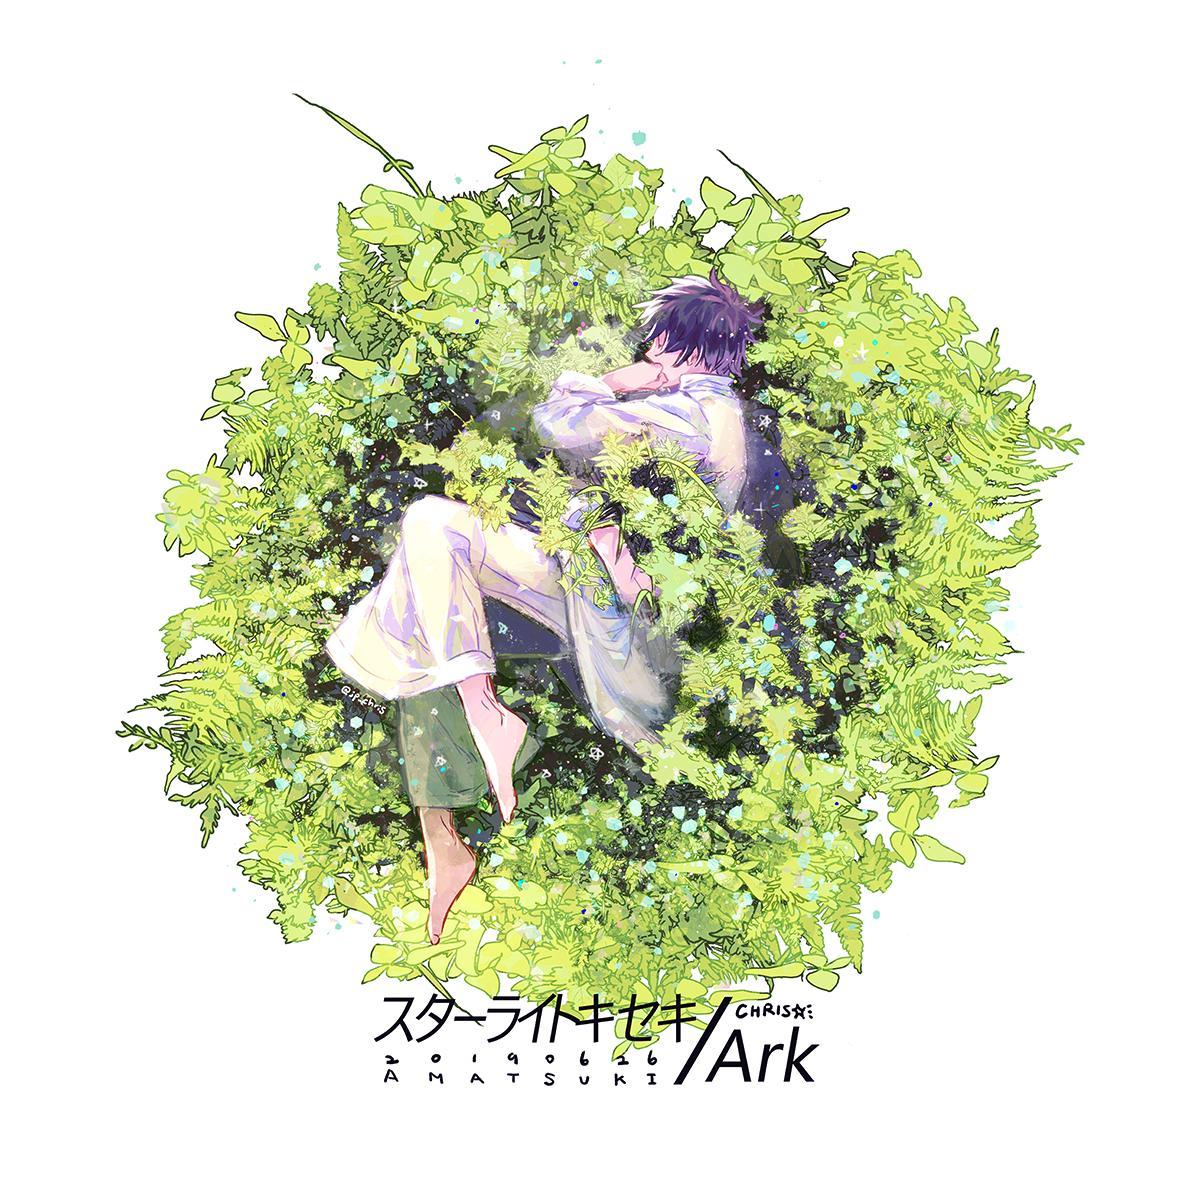 ㊗️天月さんのニューシングル『スターライトキセキ/Ark』発売おめでとうございます!引き続きジャケットイラストを担当させていただきました。よろしくお願いいたします🥳 ■ 特設サイト